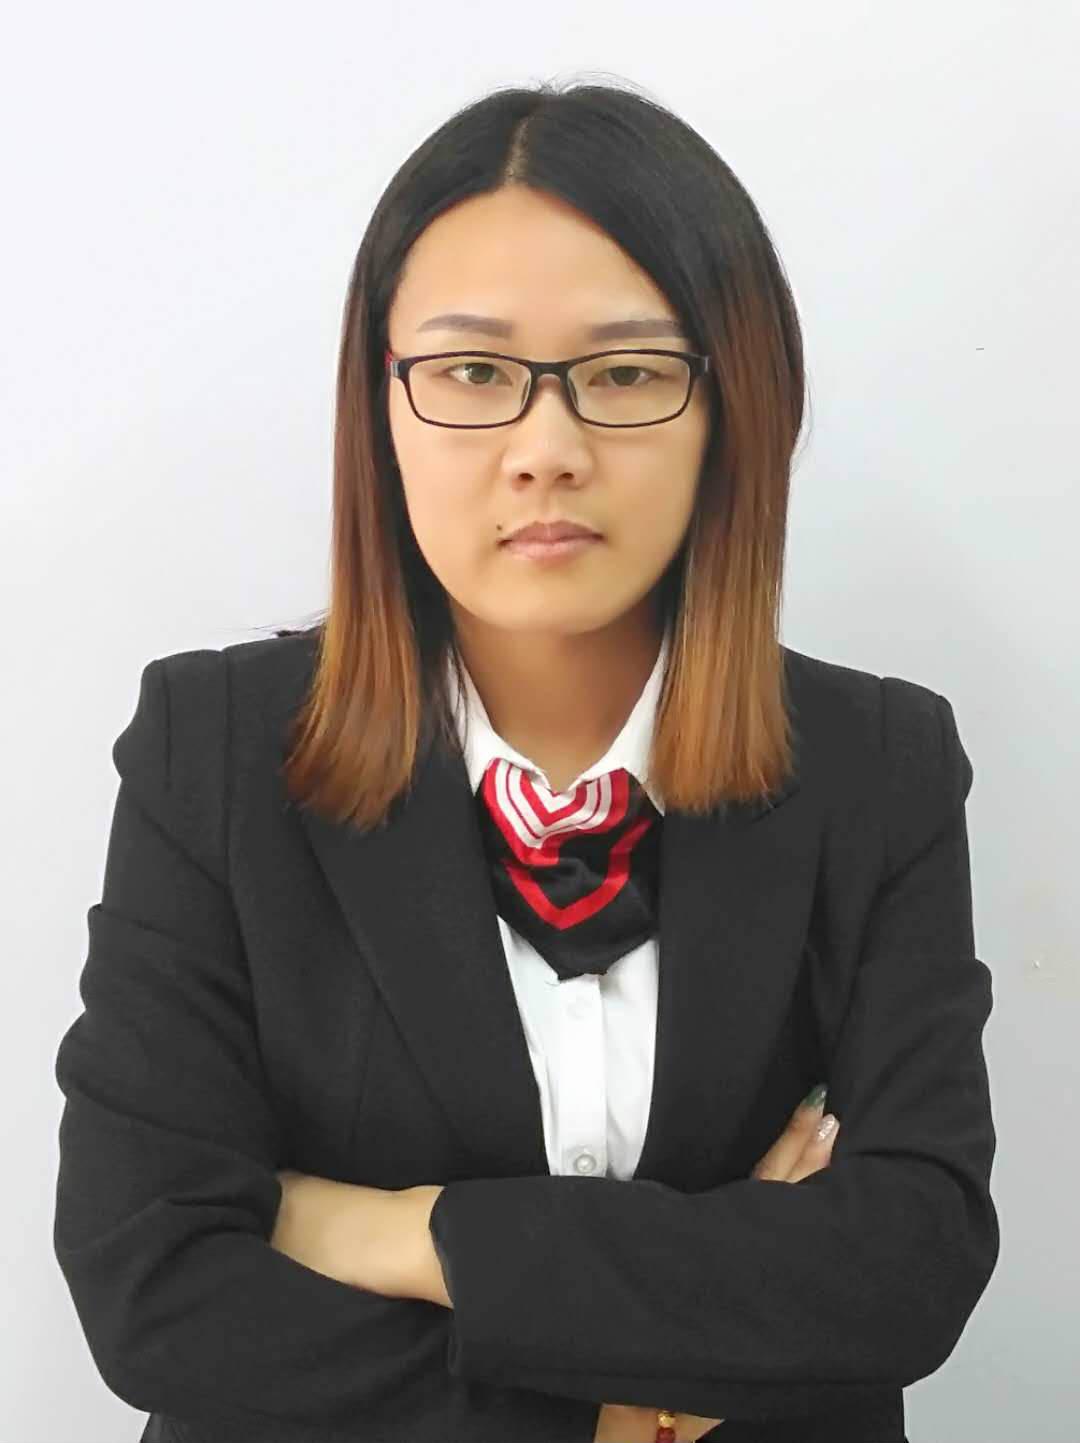 无锡二手房经纪人杨丽娟